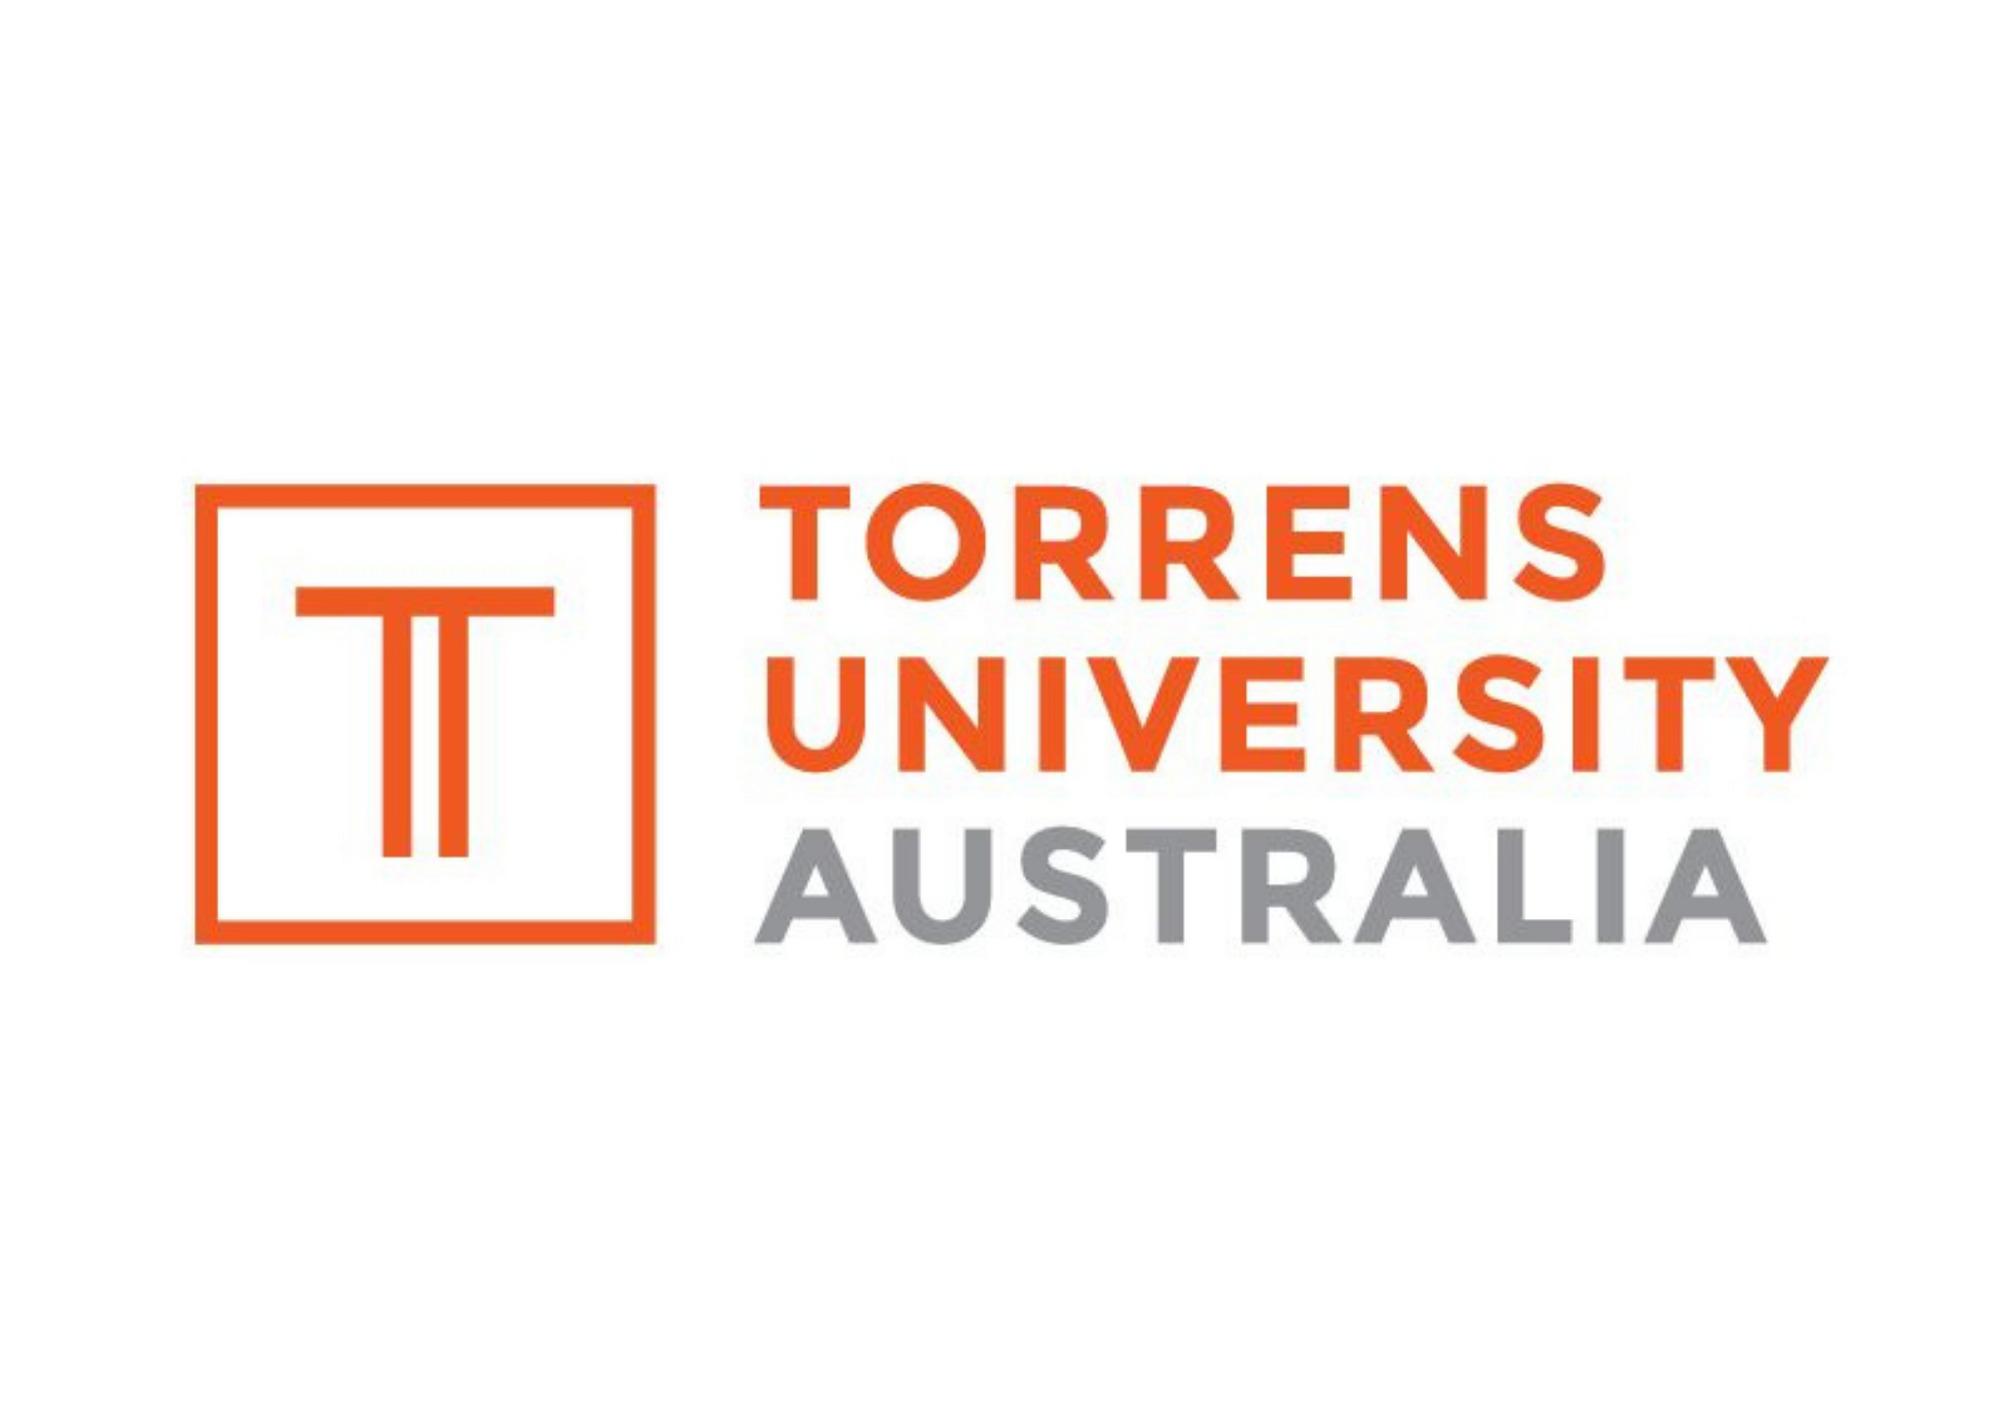 มหาวิทยาลัย ออสเตรเลีย